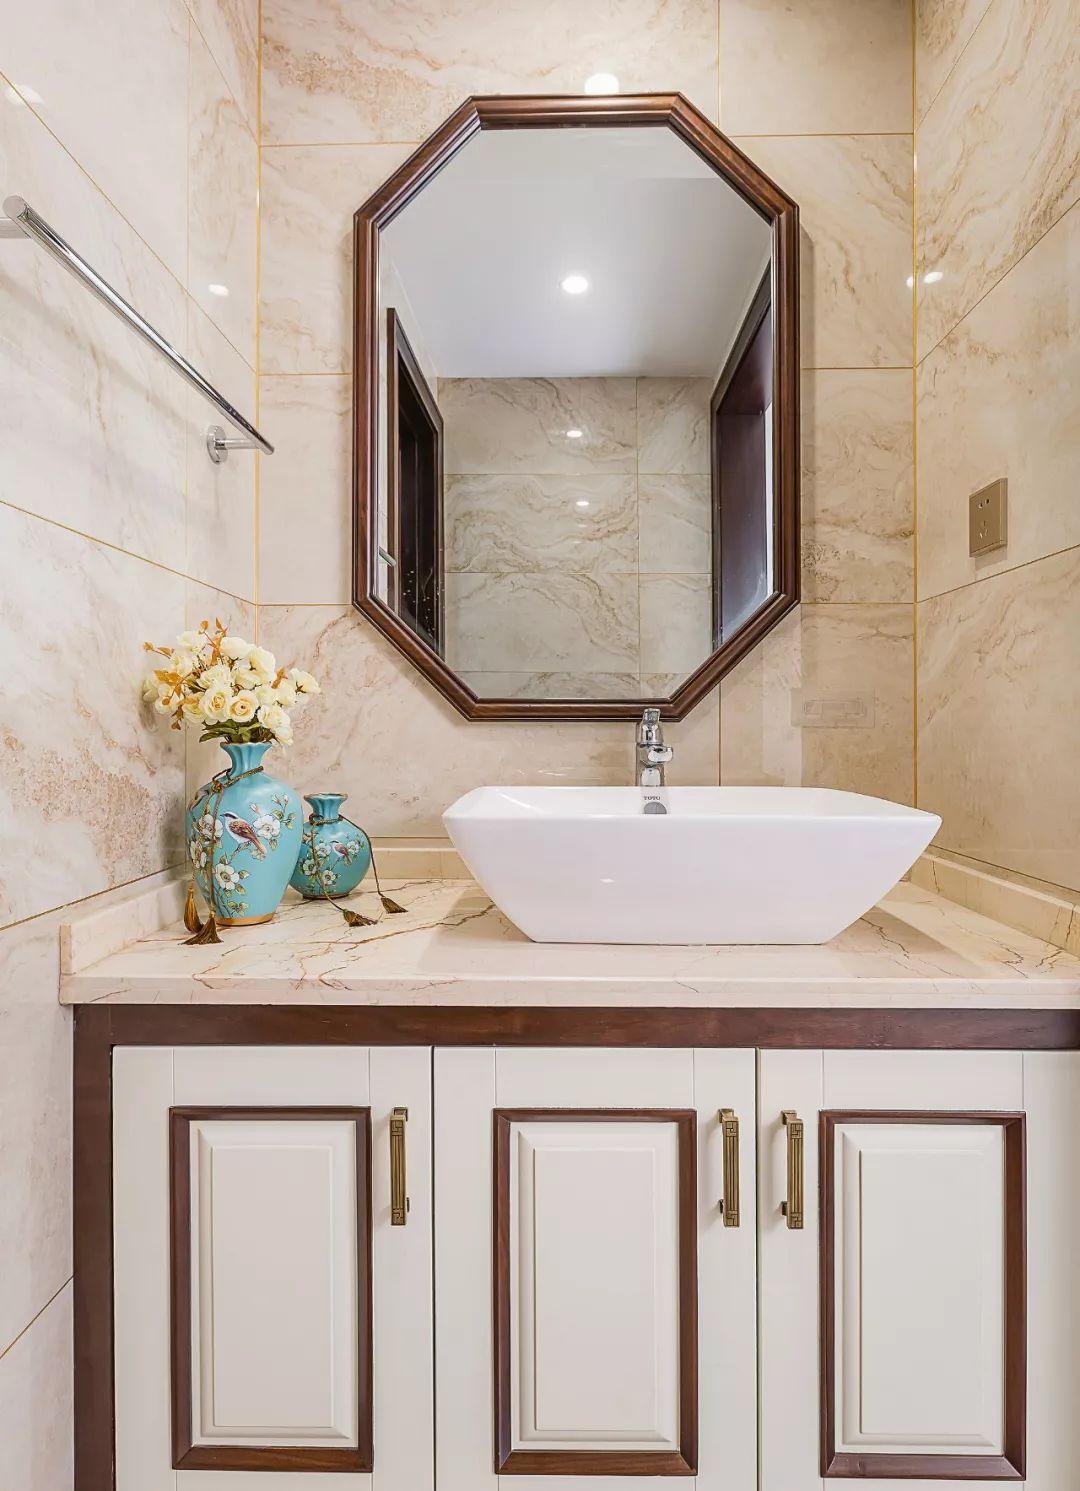 次卫干区独立设计,时尚的配色中多一些温馨浪漫的气息,八边形的大镜子及收纳柜,极具中国古典美!